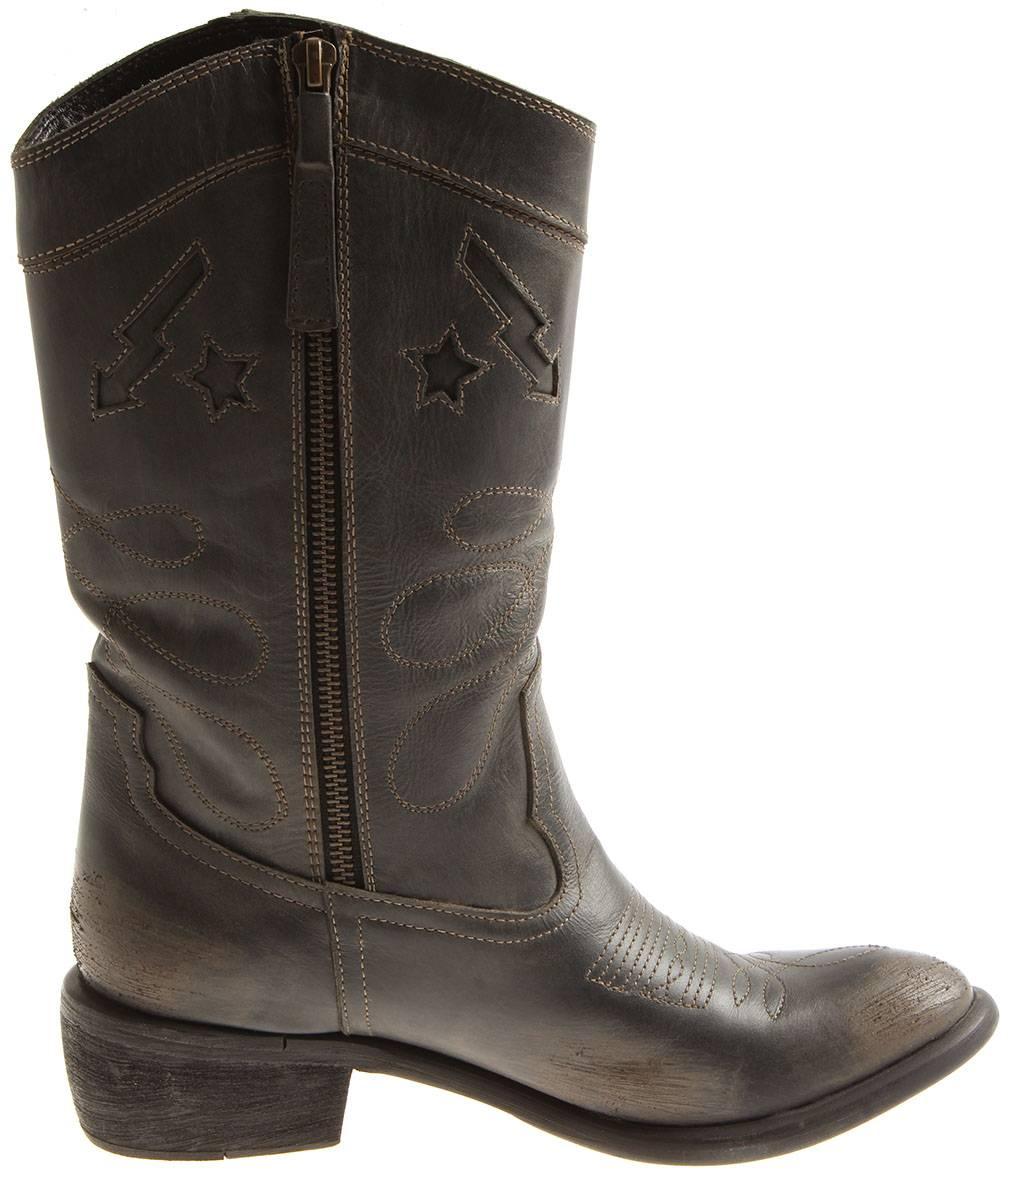 Indexbild 9 - Bronx Damen Leder Cowboy Stiefel 13323 Winterstiefel Schuhe Lederstiefel